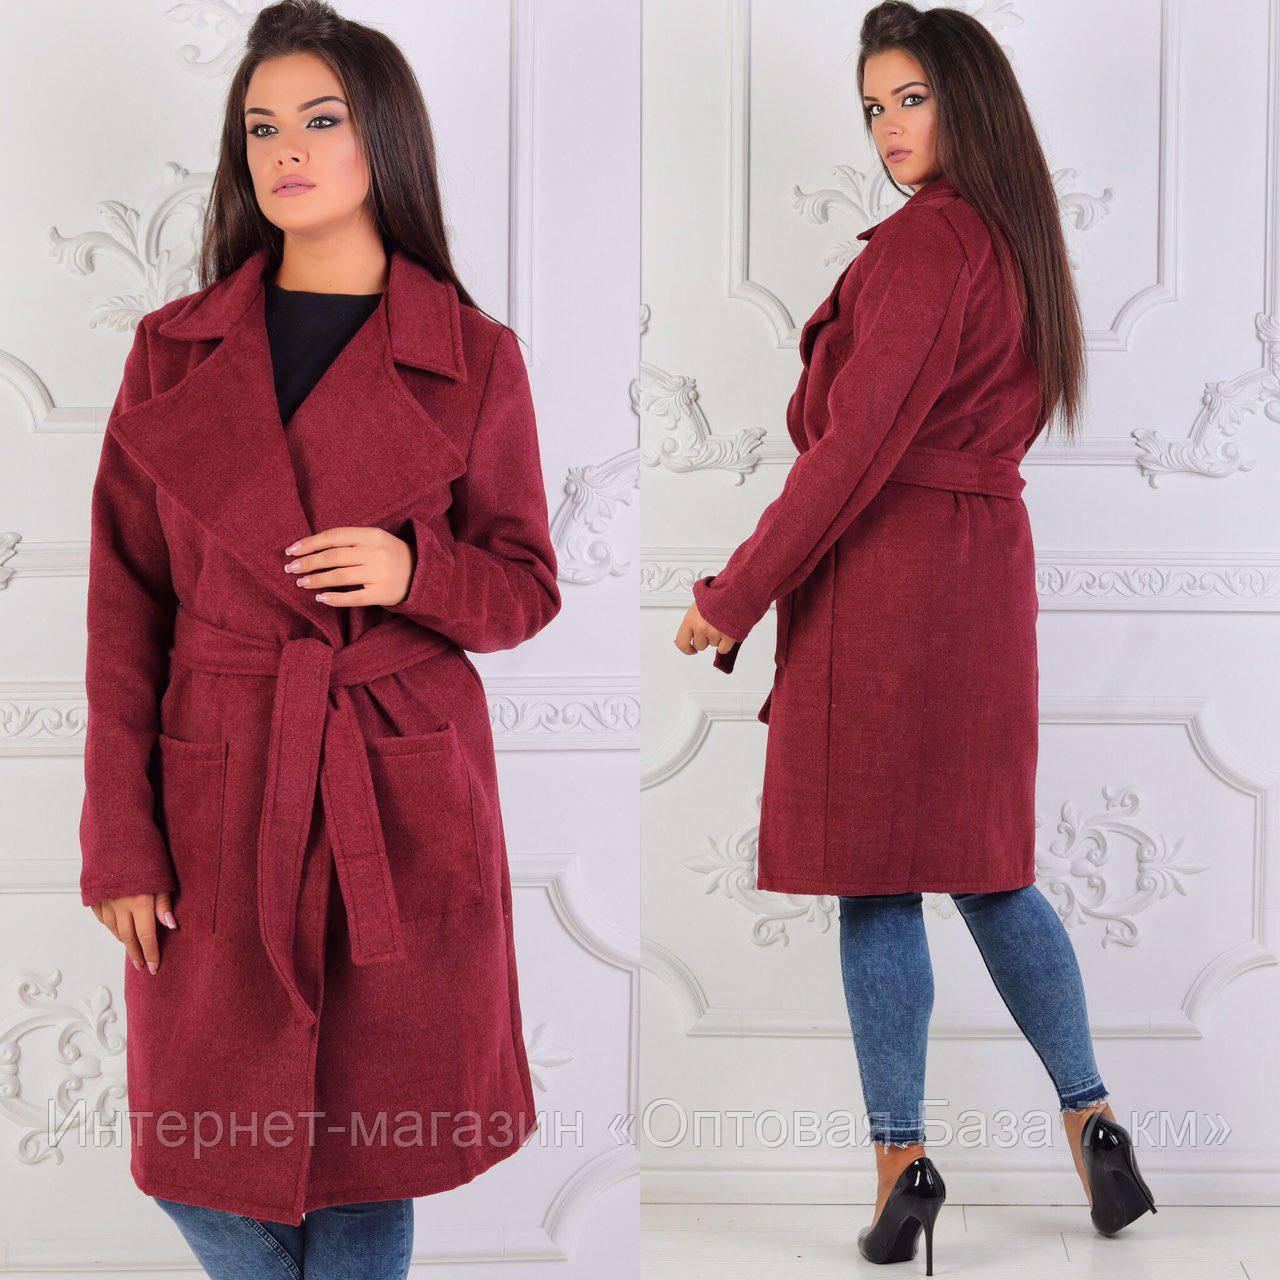 ff4b768c25d Пальто женское демисезонные кашемировые (р.р. 42 44 46 48) Украина ...